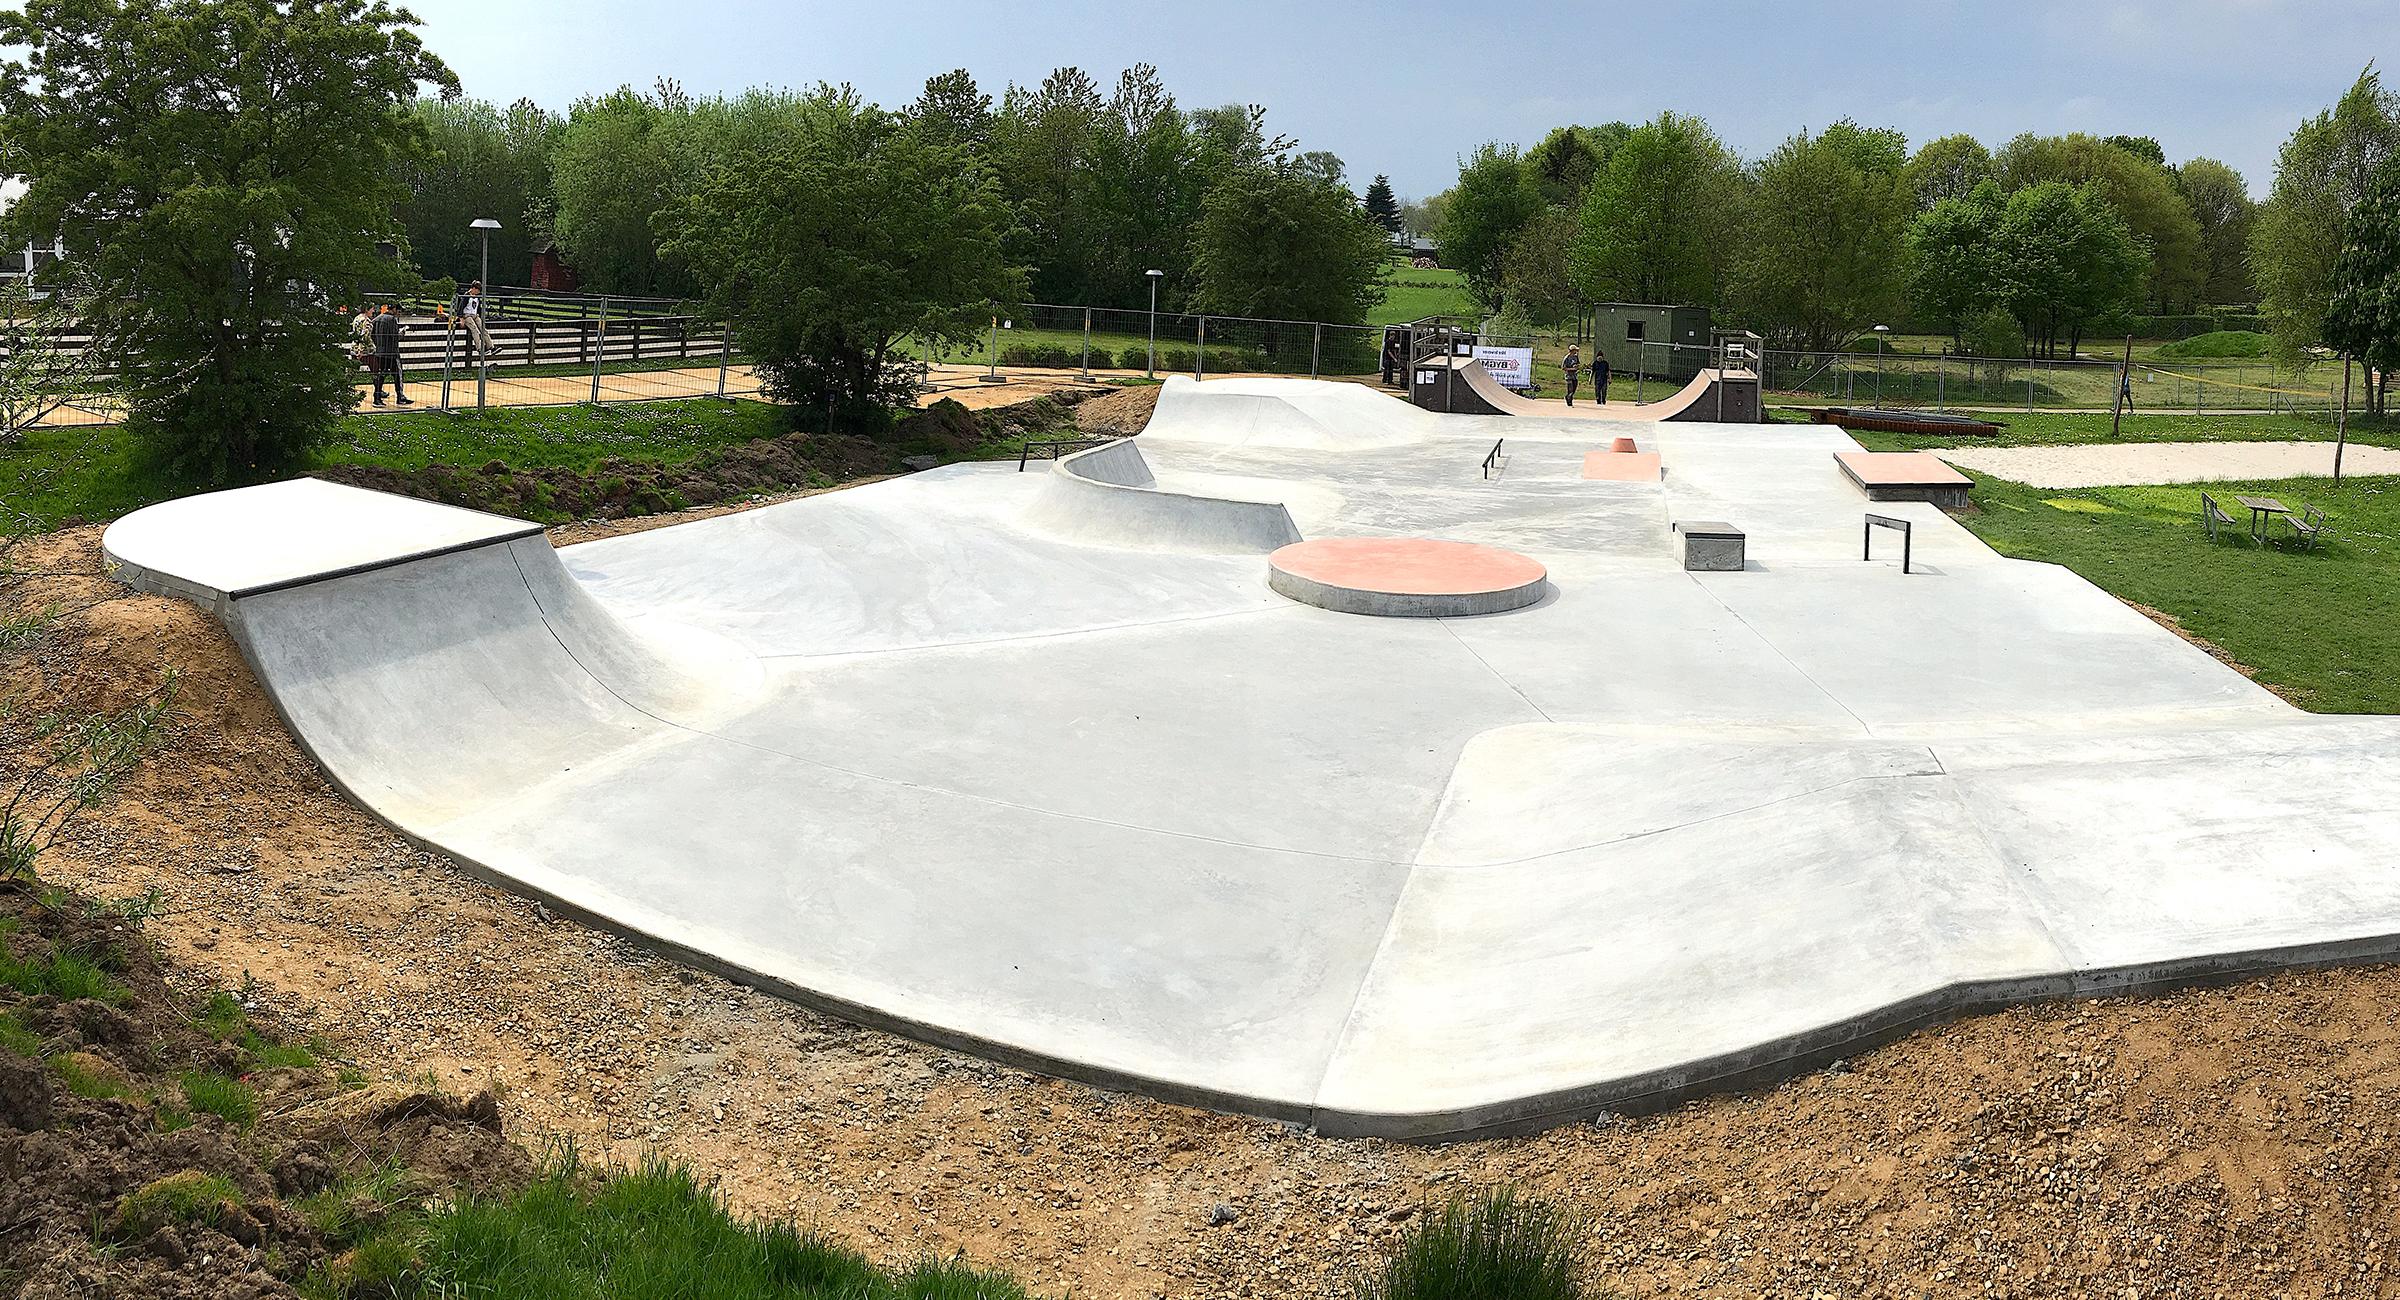 Overbliksbillede over en skatepark i beton med rødmalede overflader